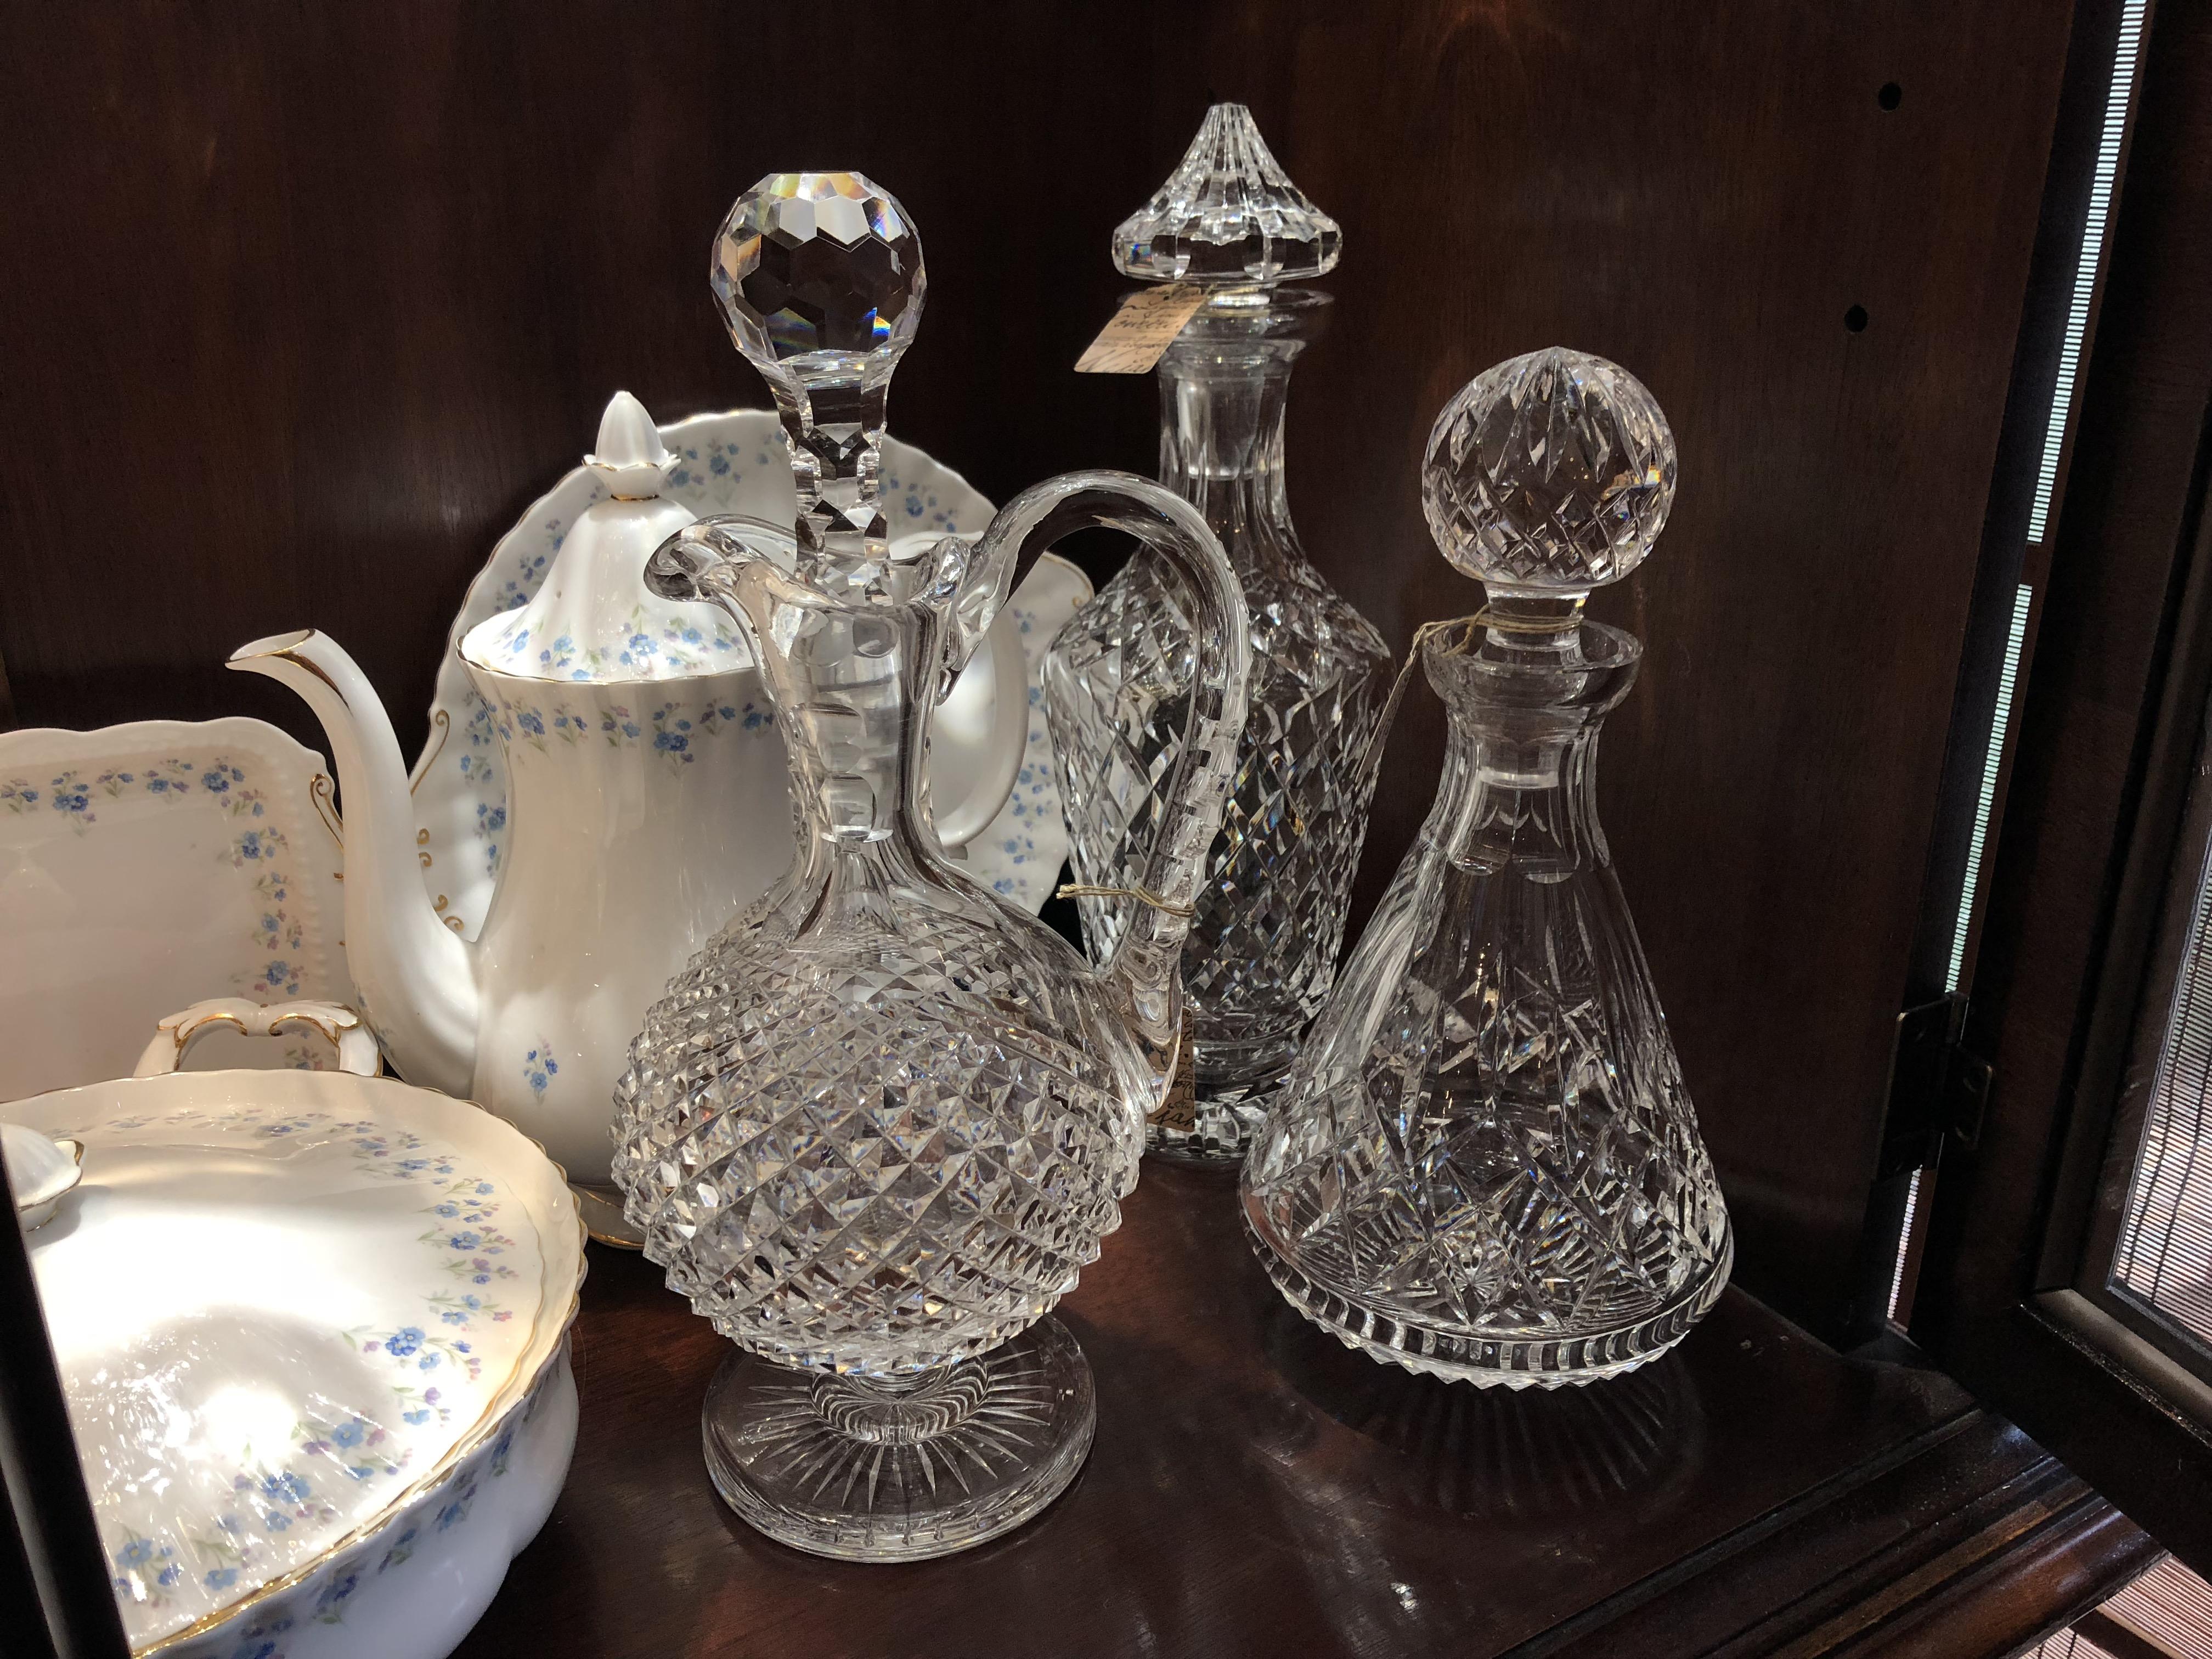 Vintage Waterford decanters